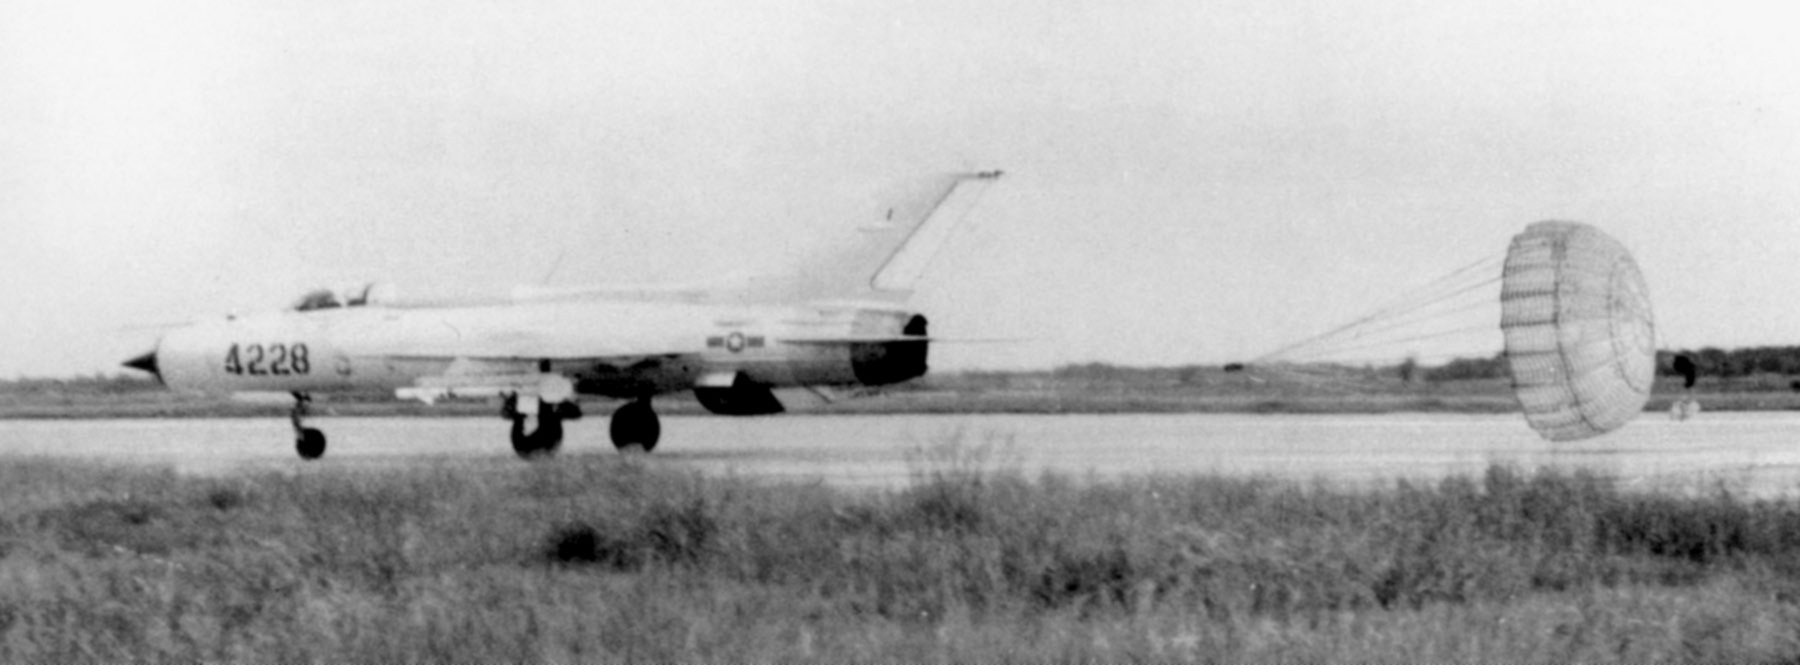 MiG-21 PF de la Fuerza aérea norvietnamita despliega su paracaídas de frenada al aterrizar tras realizar una misión. El avión está armado con misiles aire-aire AA-2 Atoll.